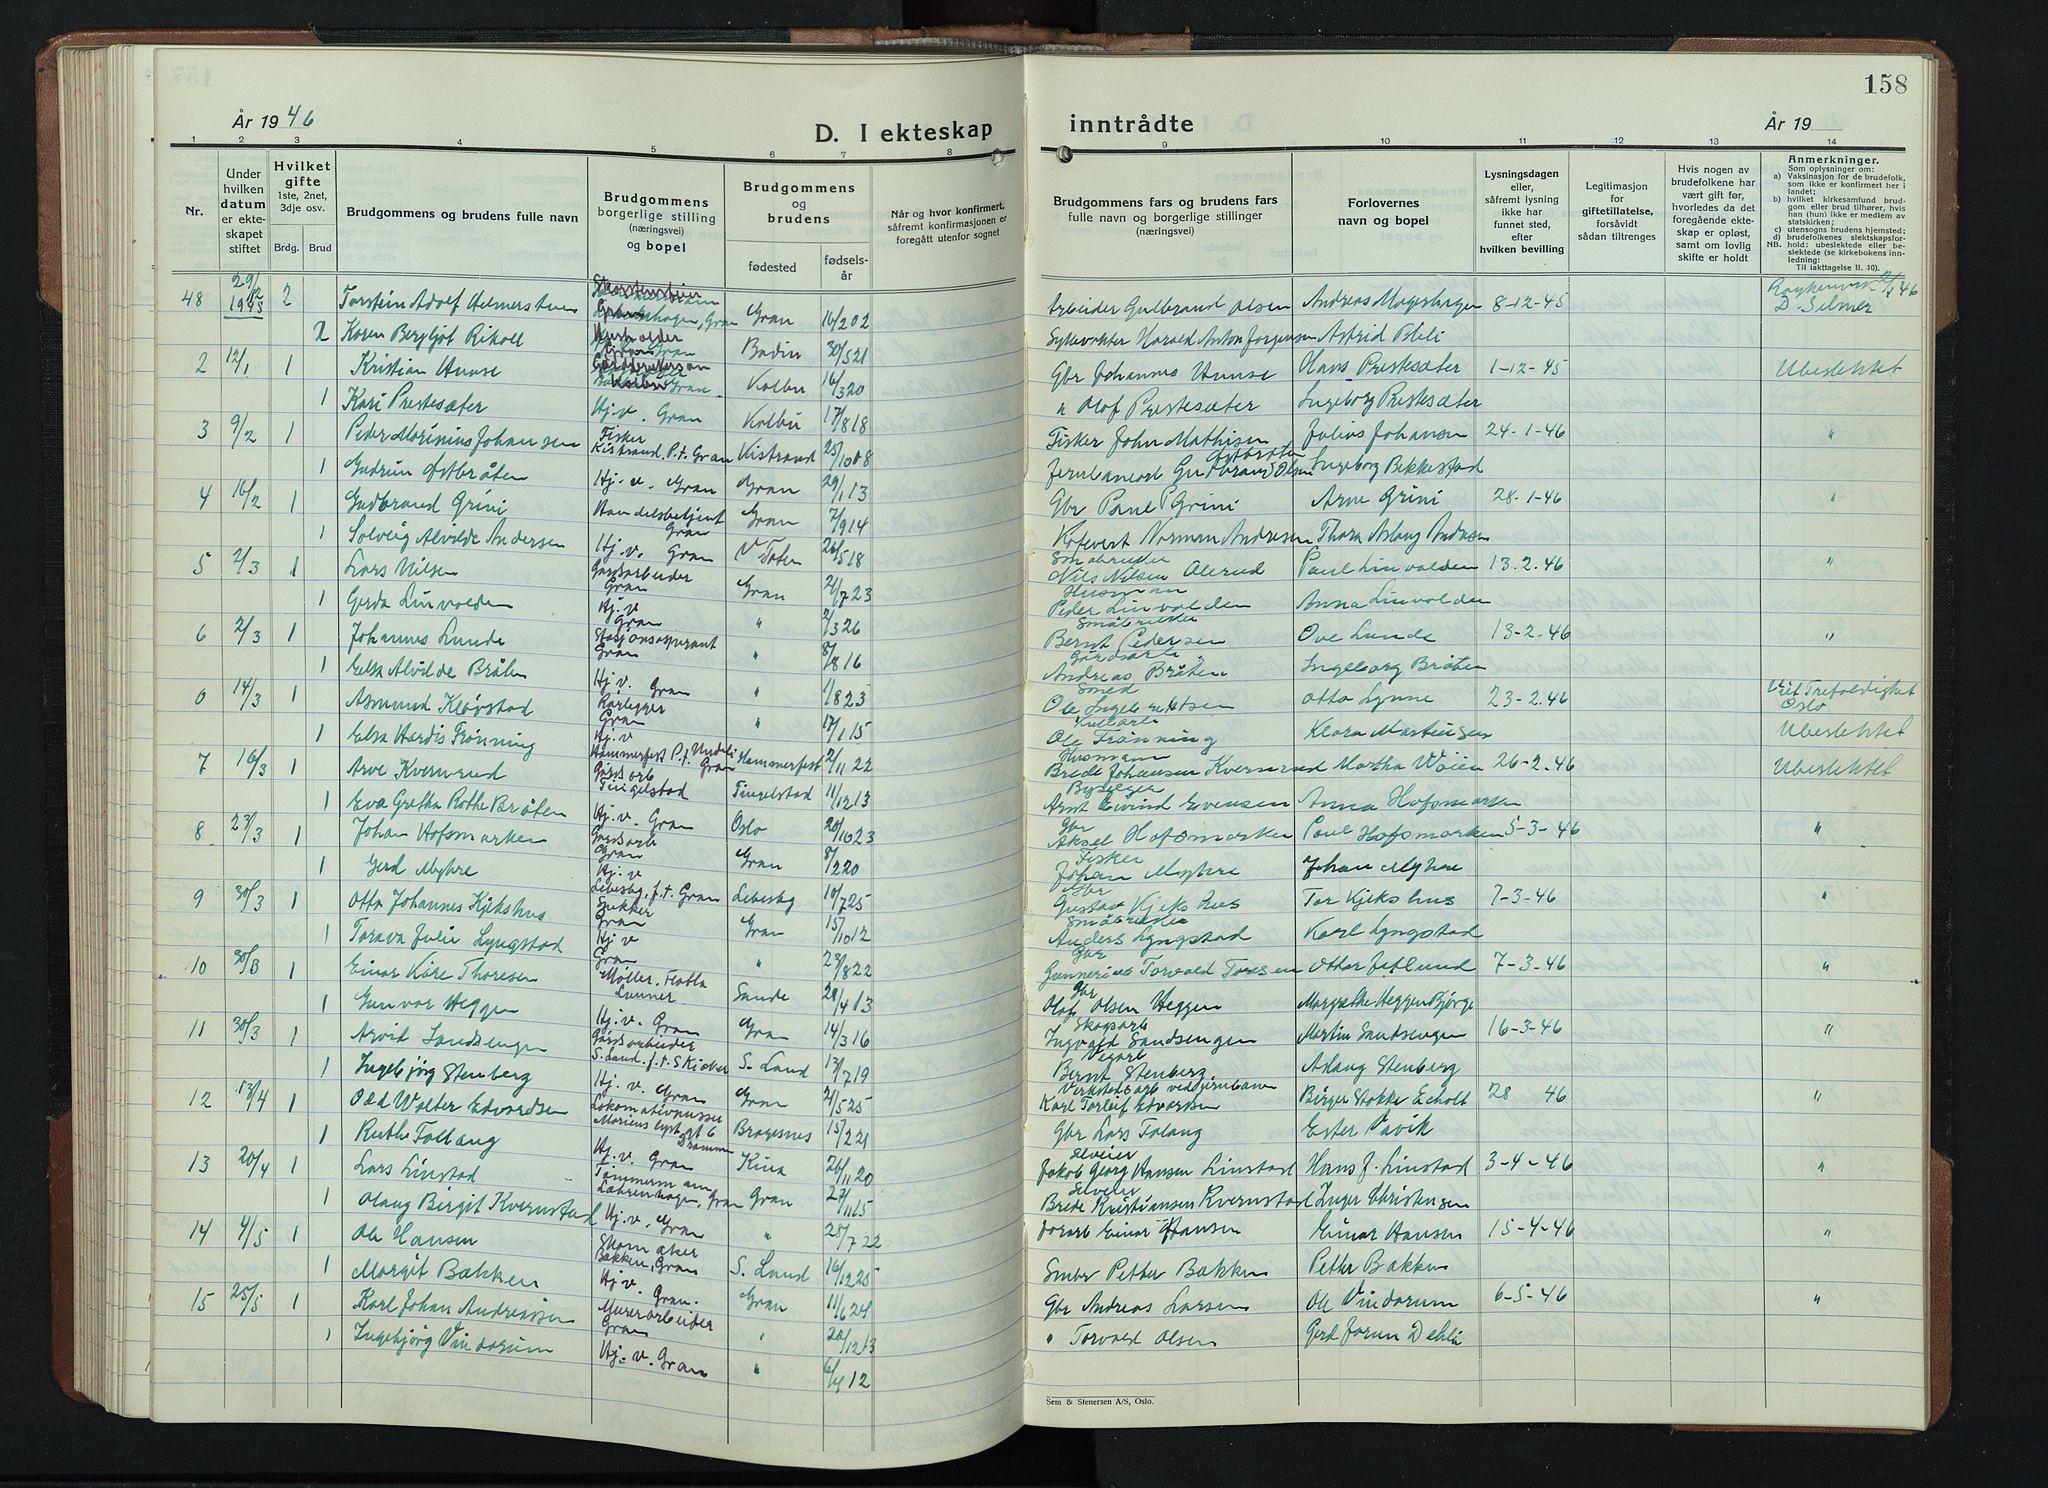 SAH, Gran prestekontor, Klokkerbok nr. 9, 1933-1950, s. 158